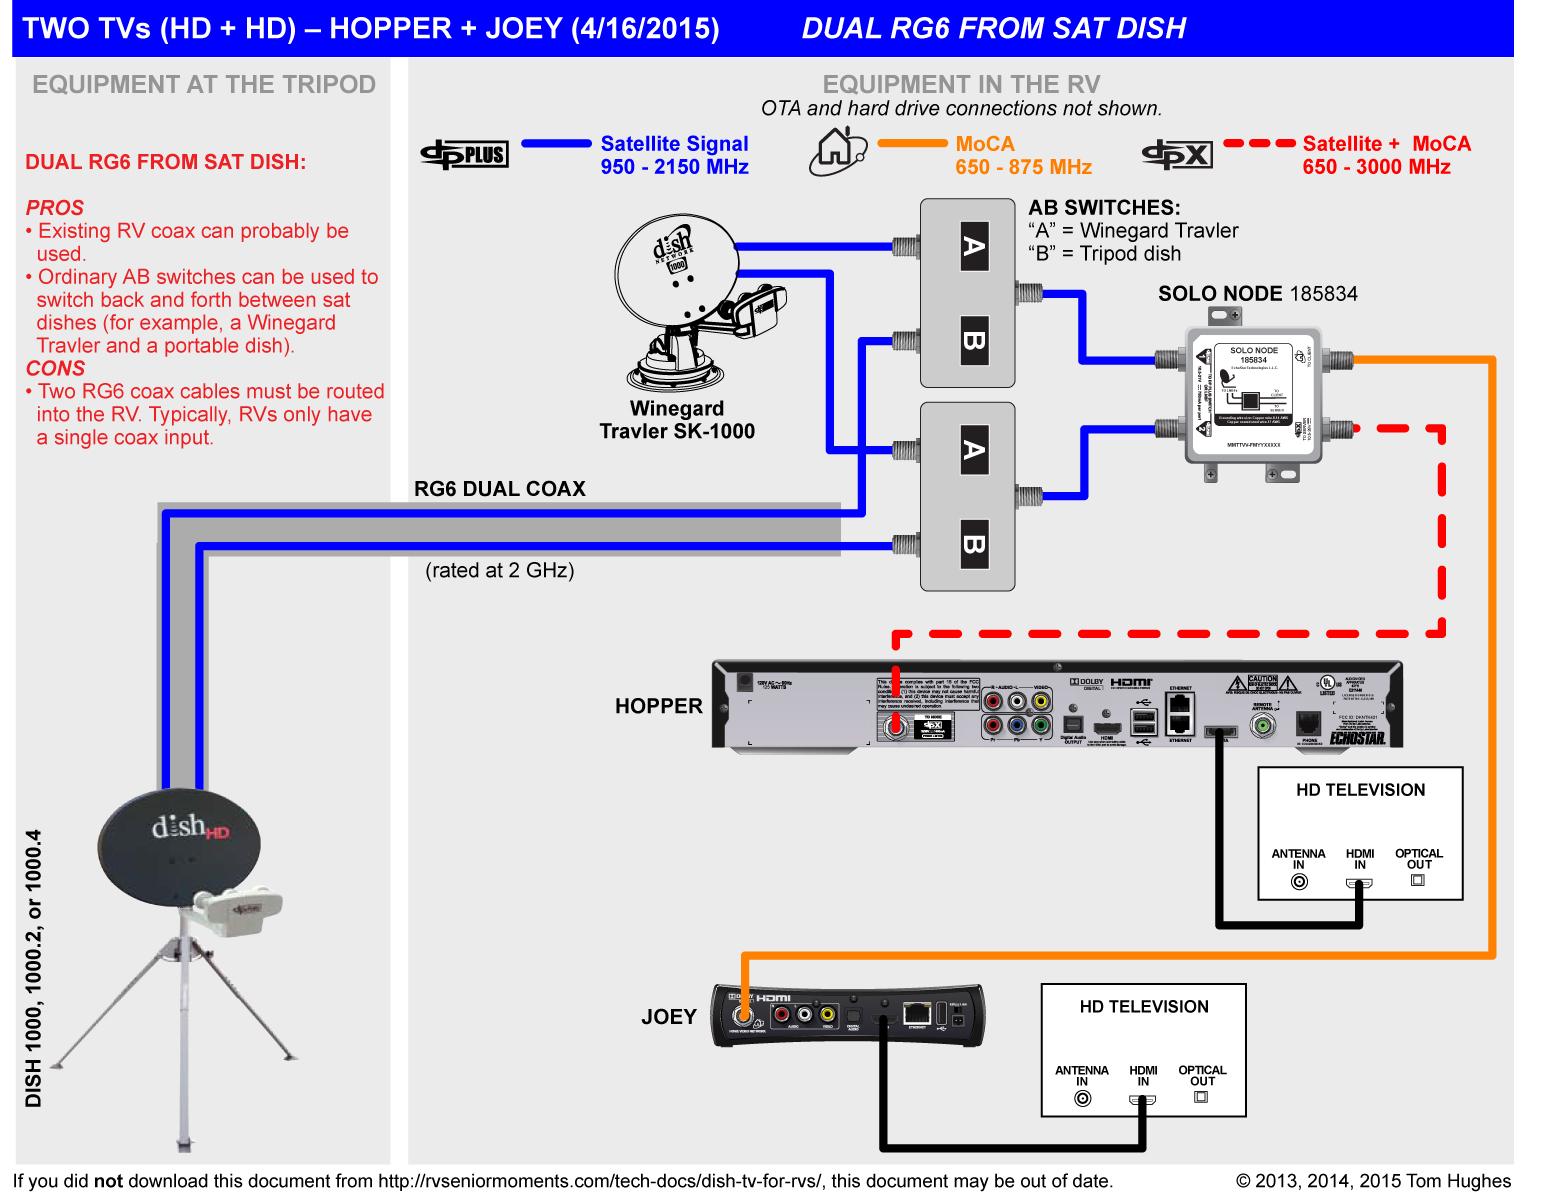 DIAGRAM] Dish Network Hd Satellite Wiring Diagram FULL Version HD Quality Wiring  Diagram - DEBRAHONDA.SALARIES-OFFICE-DE-TOURISME.FR  Salariés des offices de tourisme